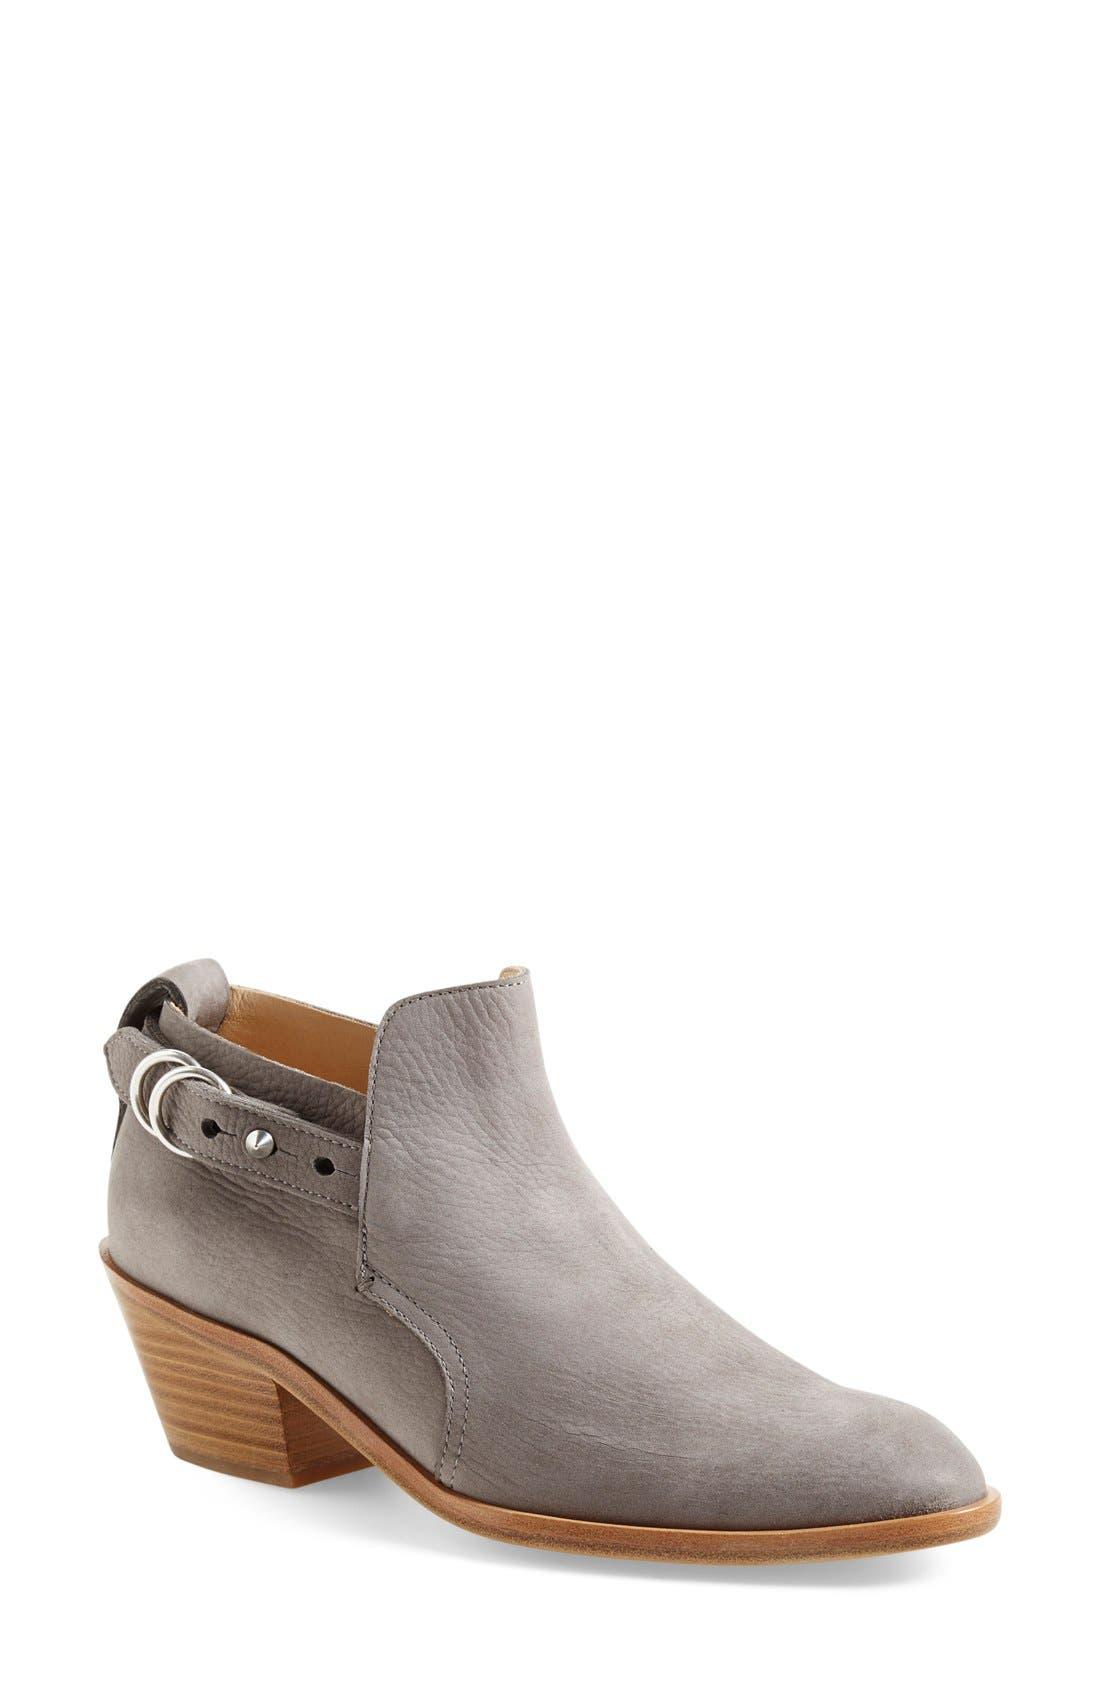 Main Image - rag & bone 'Sullivan' Boot (Women)